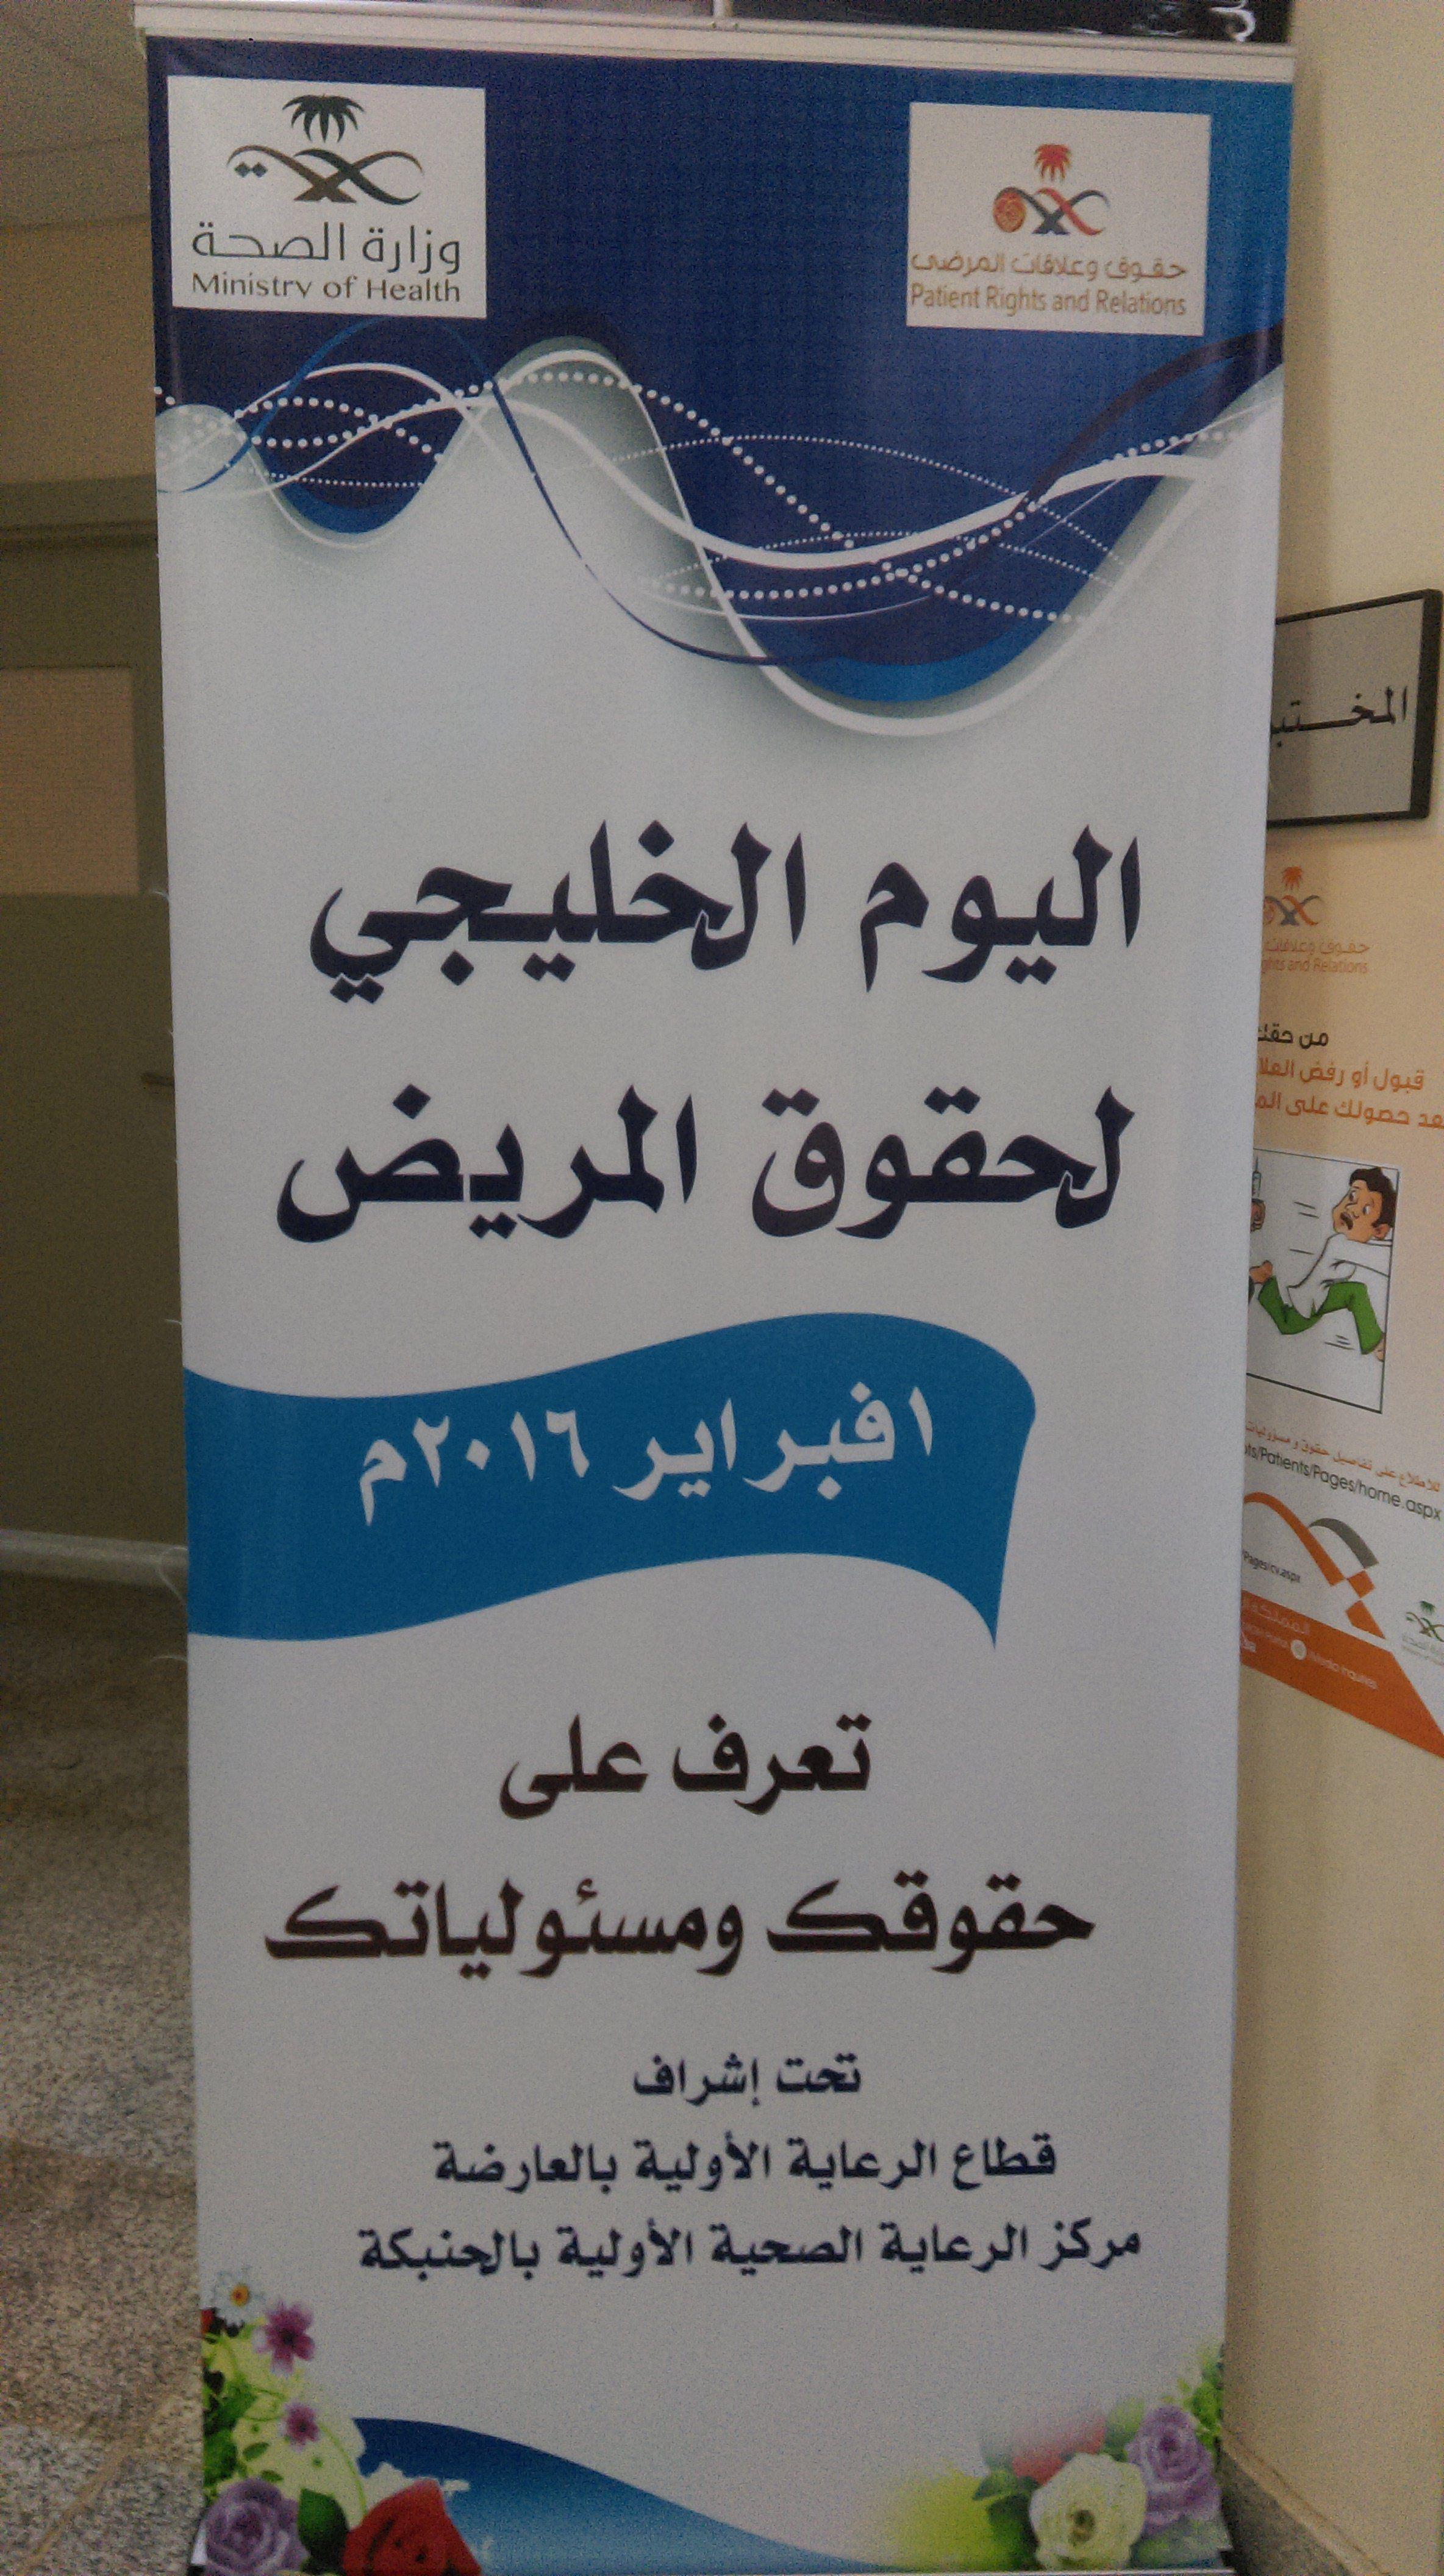 صحيفة سبق: بالصور.. اختتام فعاليات اليوم الخليجي لحقوق المريض بالعارضة - أخبار السعودية